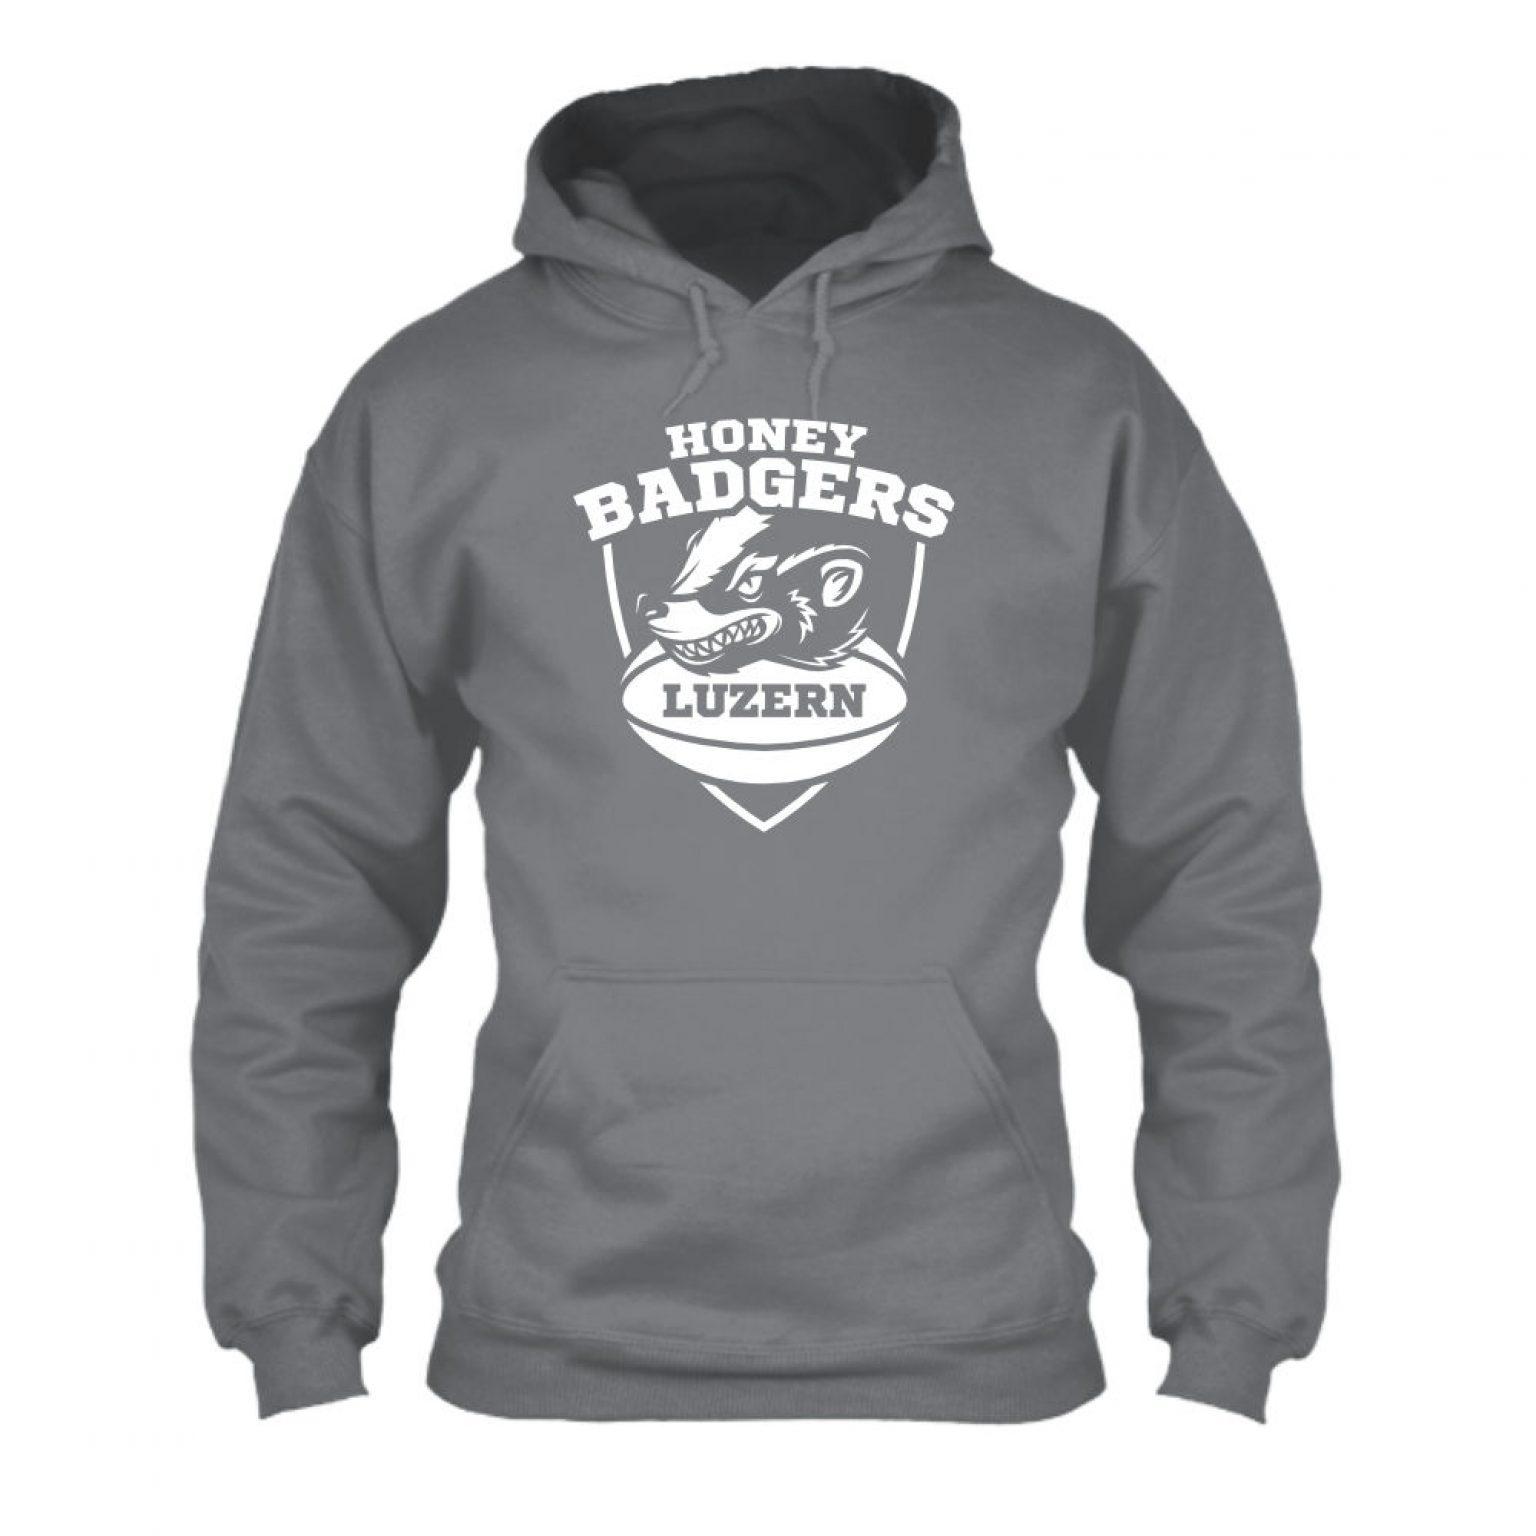 honeybadgers hoodie herren grey